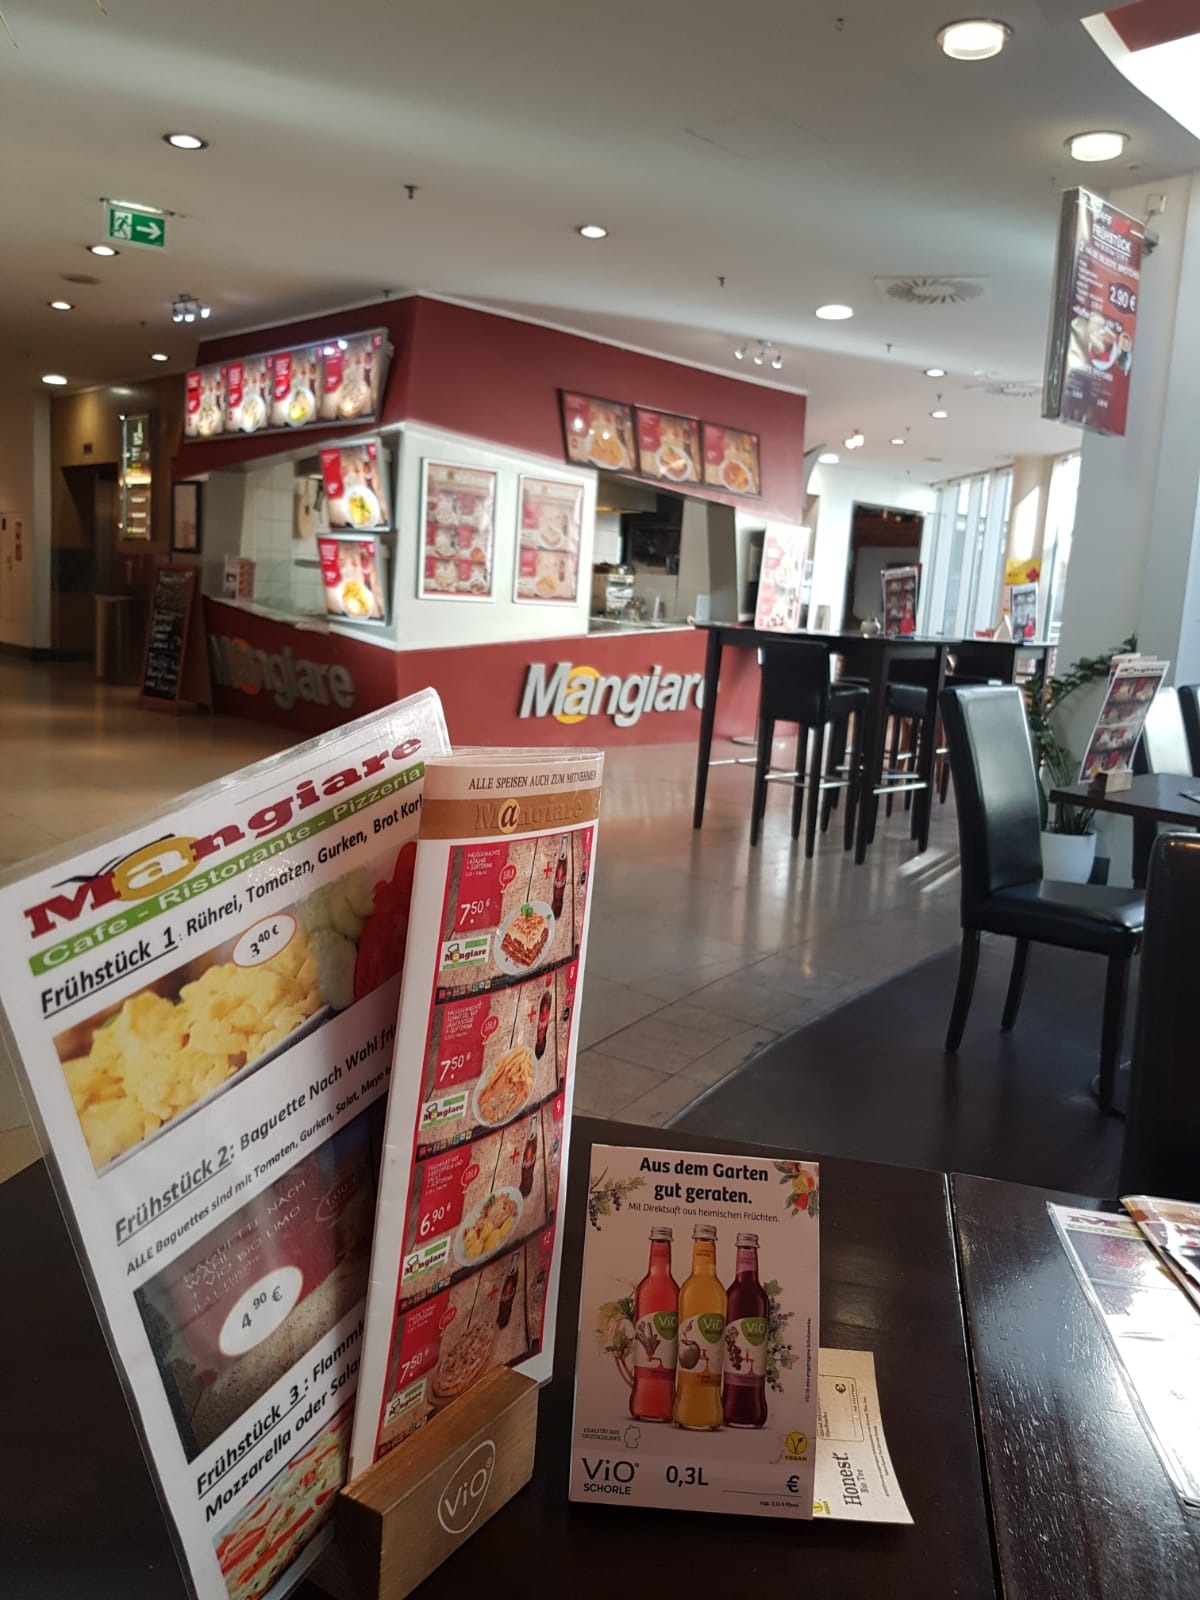 Einkaufszentrum Wuppertal Mangiare